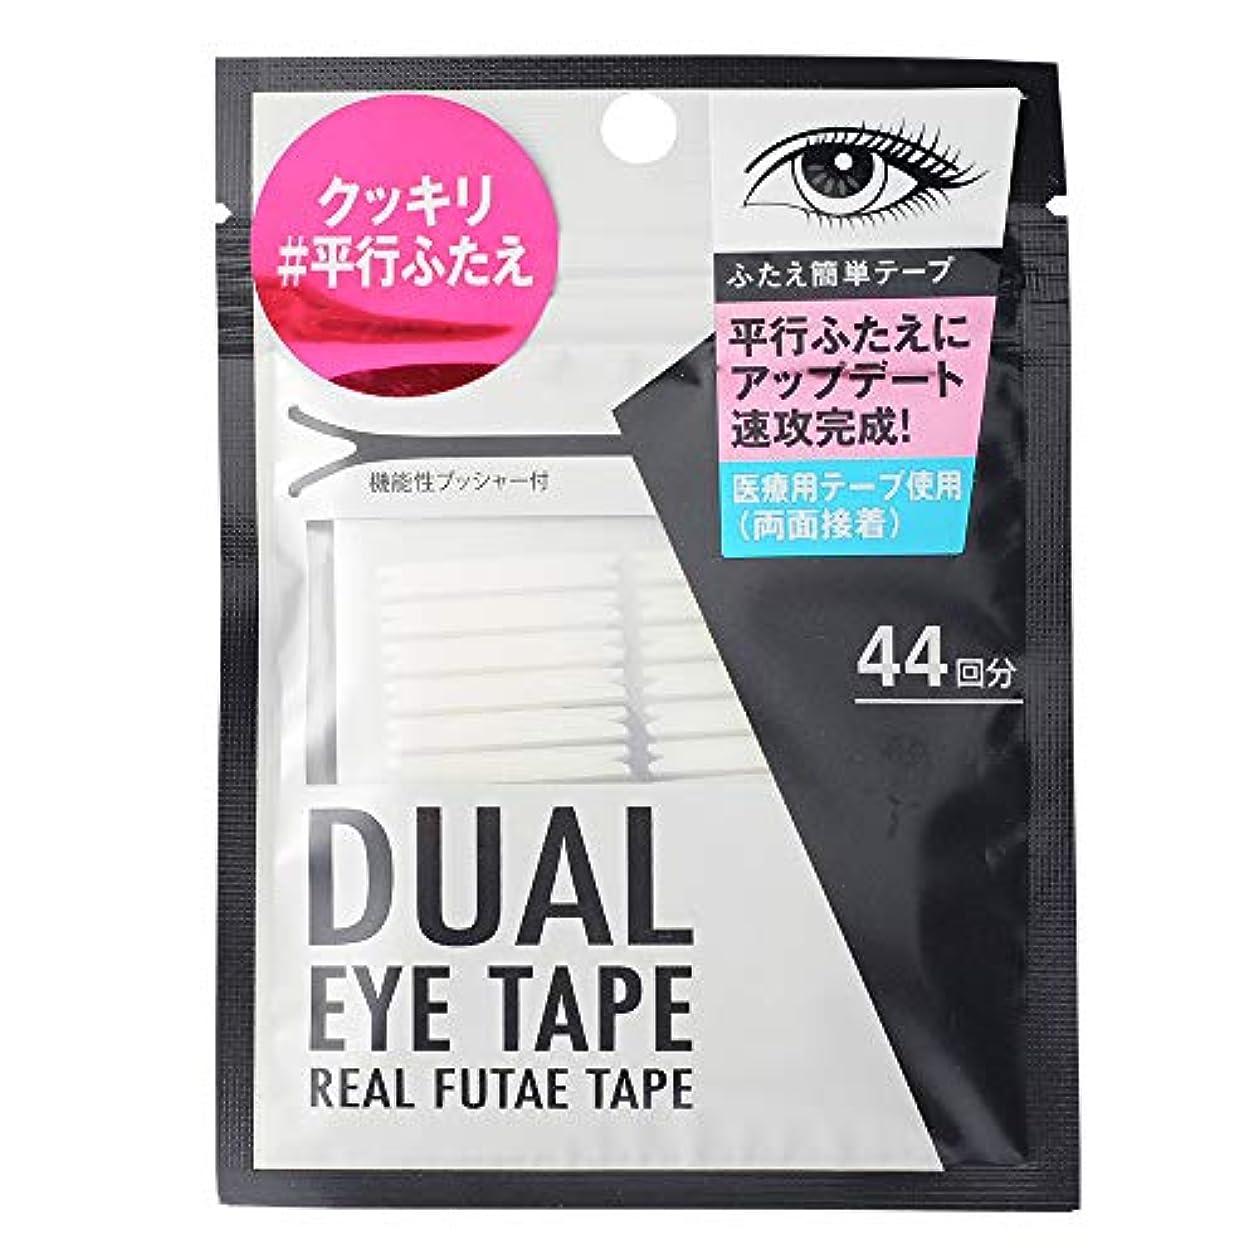 イディオムパキスタンメトリックデュアルアイテープ (平行ふたえ両面接着テープ) (44回分)